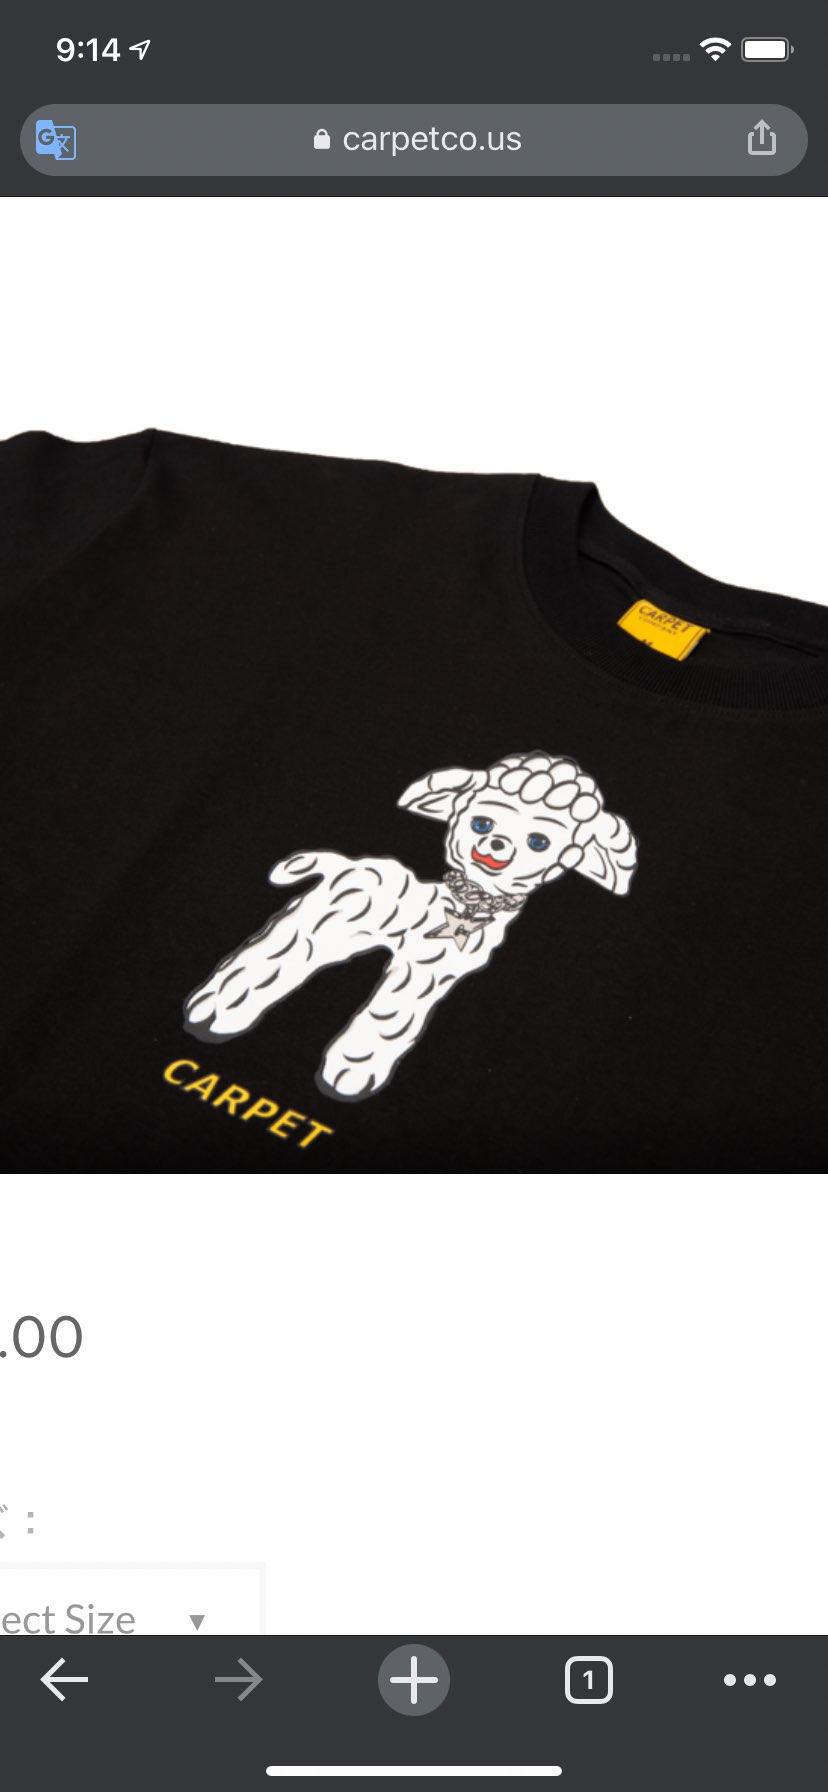 とりあえず、ヒツジのTシャツを買ってみたw 他にcarpetの抽選に参加してみ